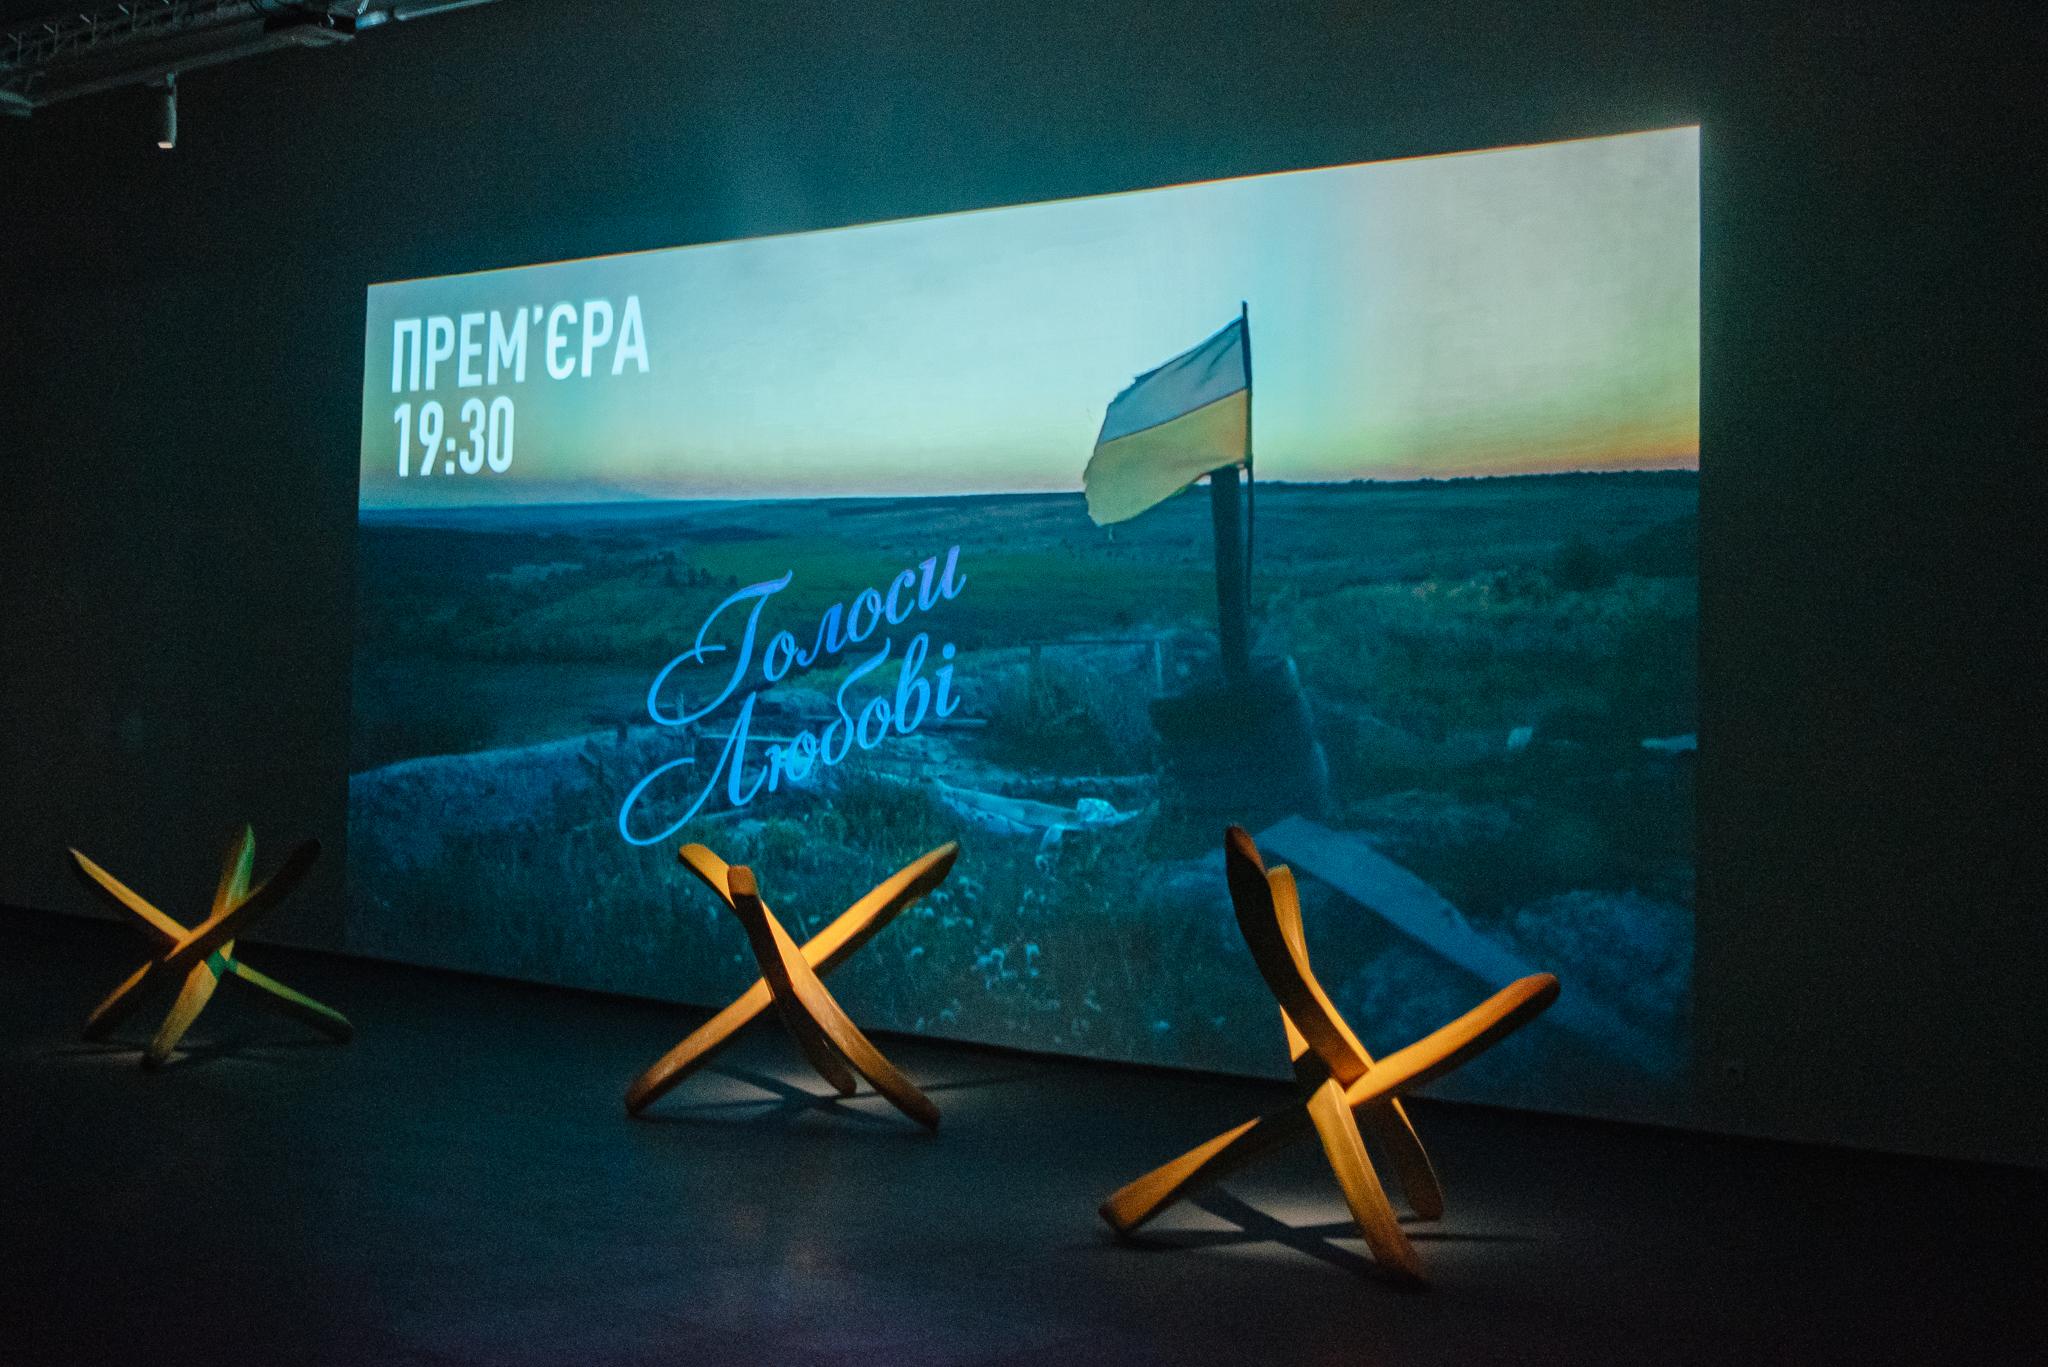 У ЦСМ М17 відкрився проєкт Арсена Савадова «Голоси любові»